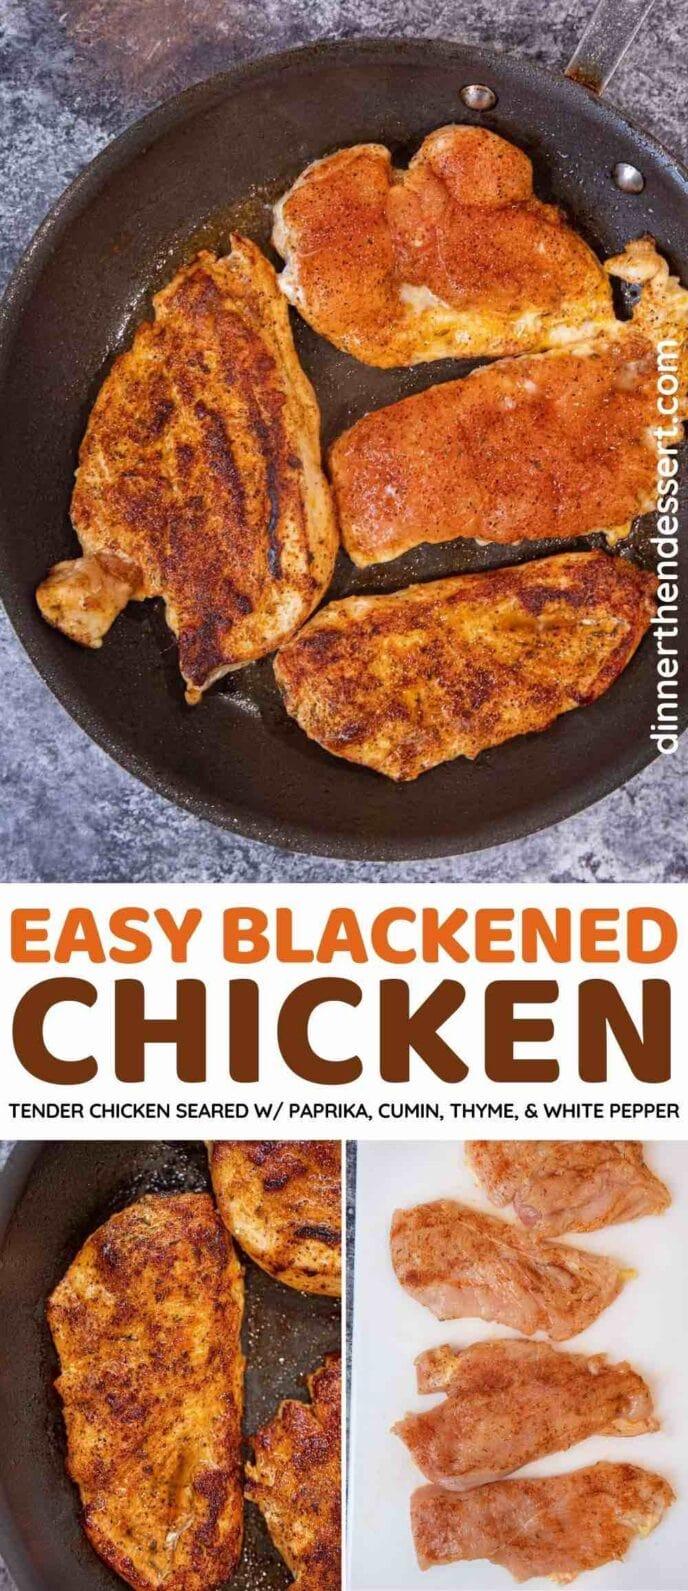 Blackened Chicken collage